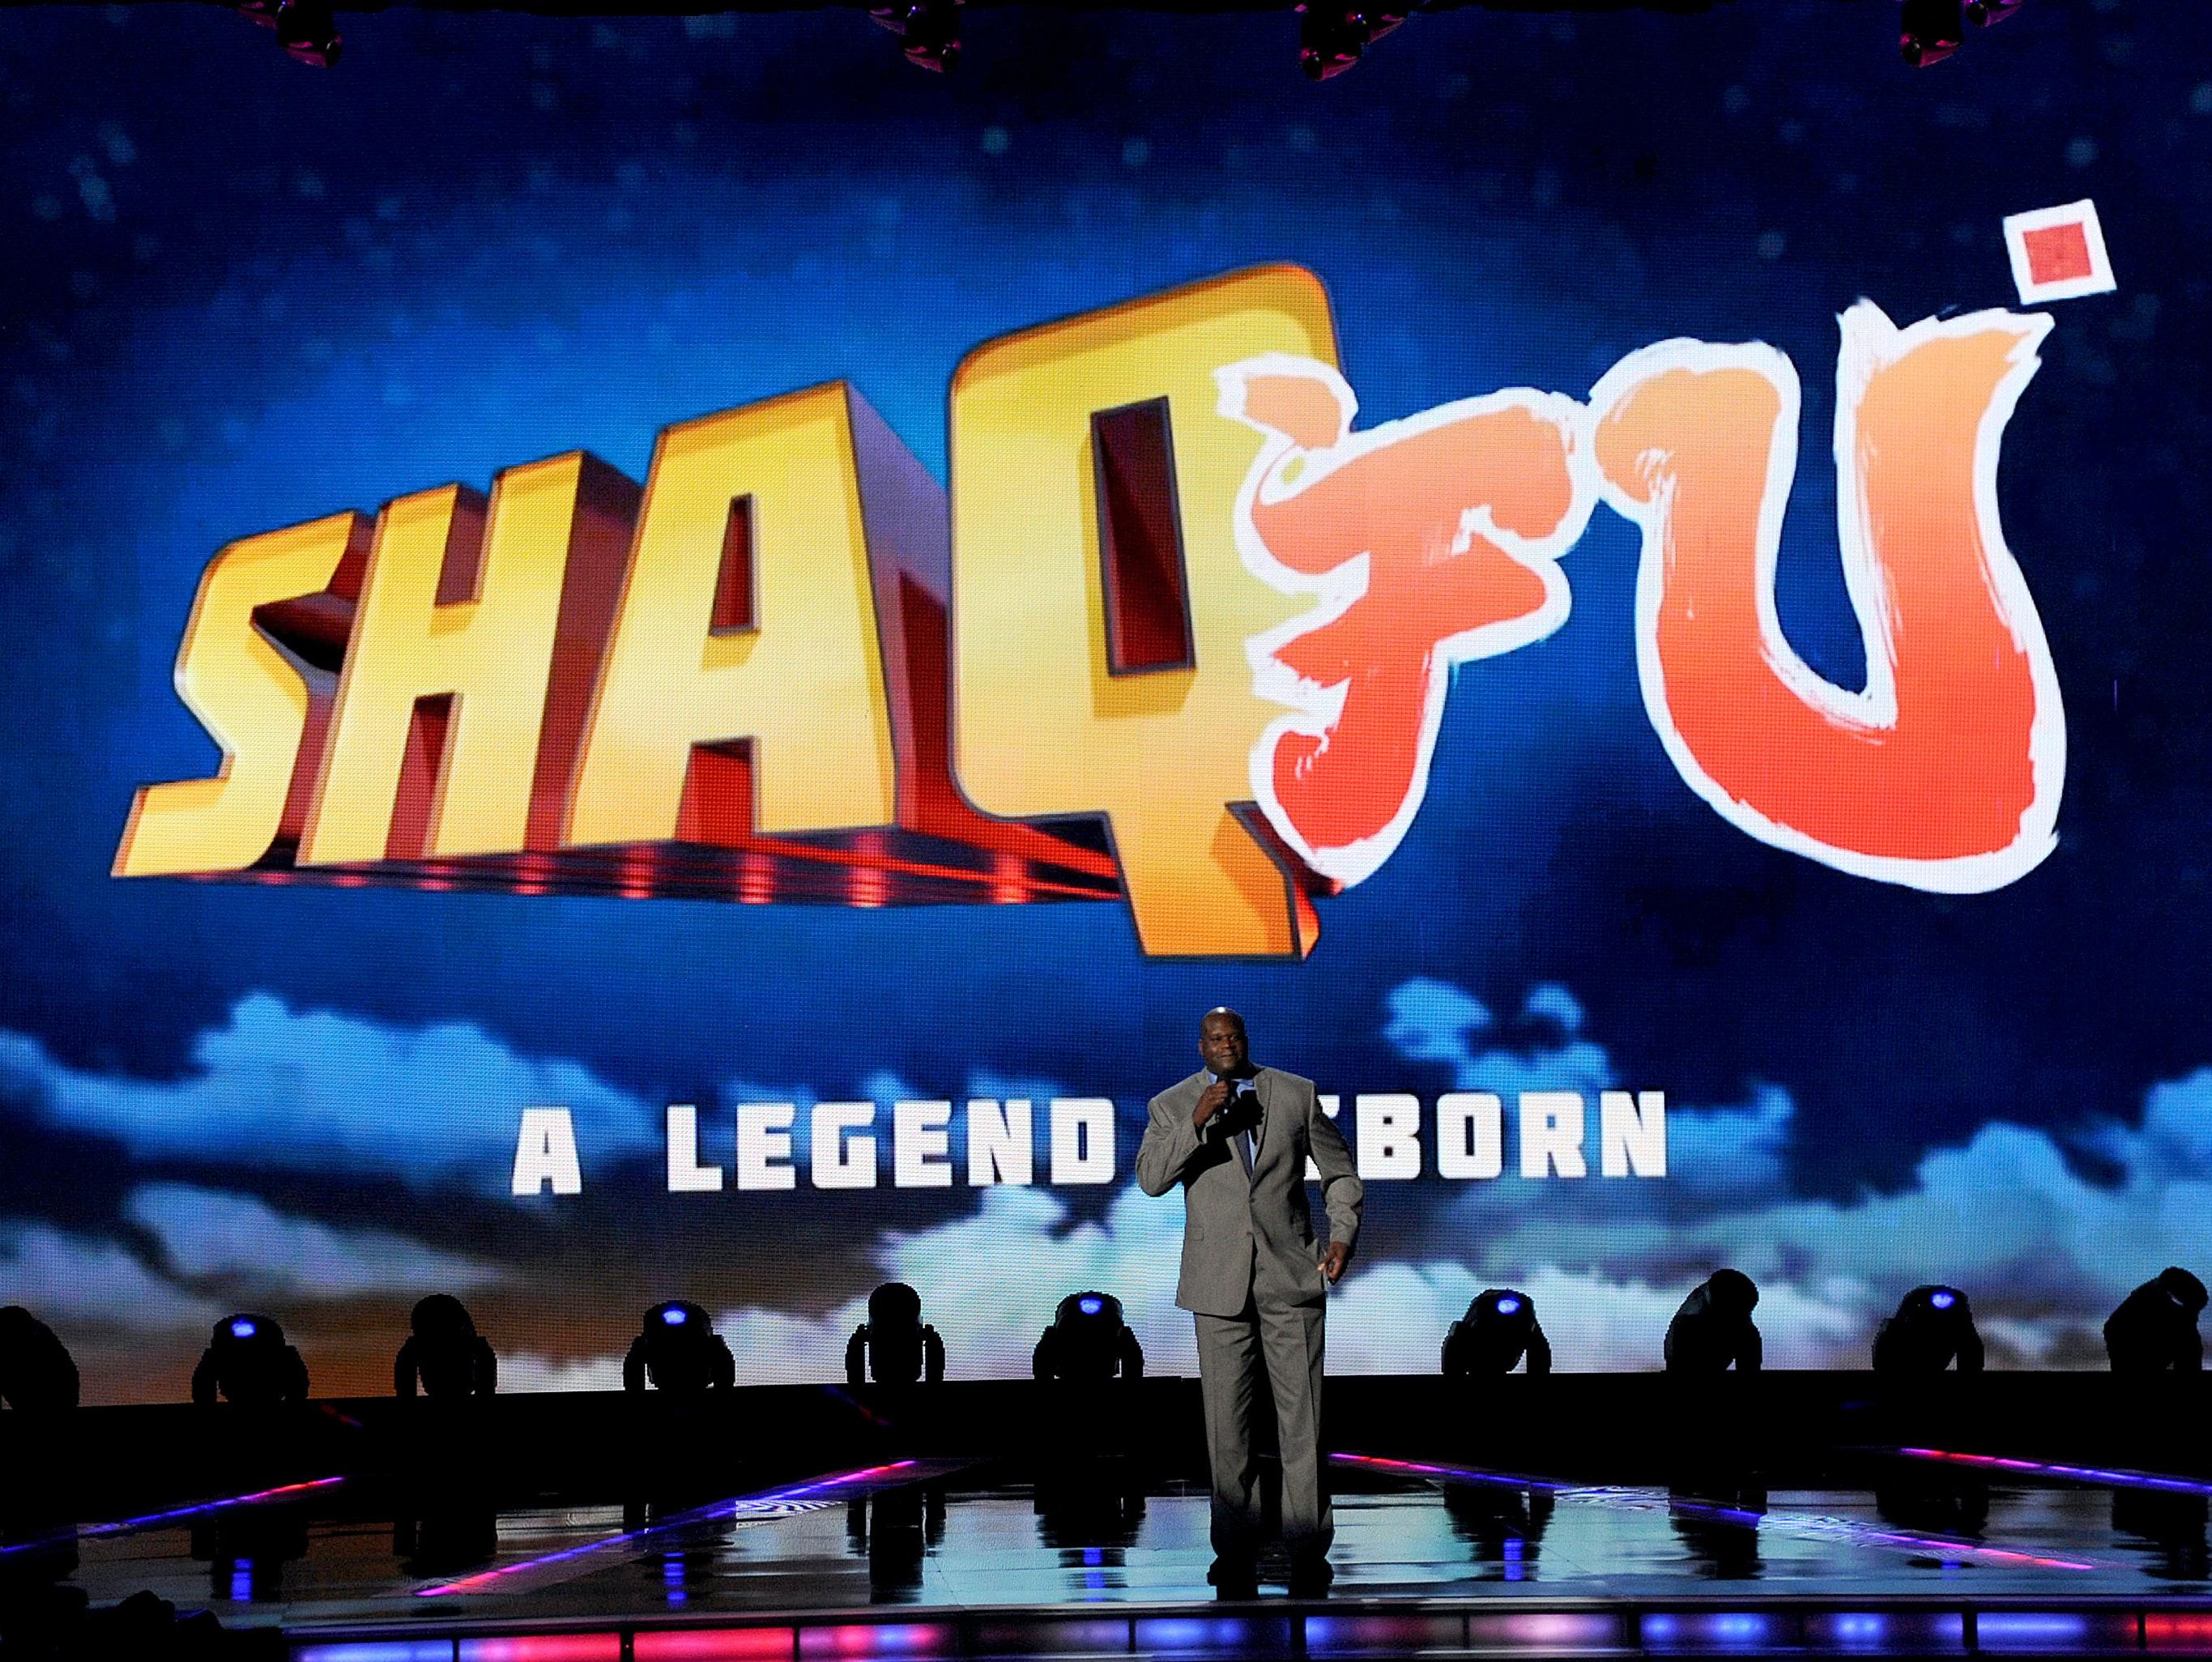 Shaq Fu Game Awards